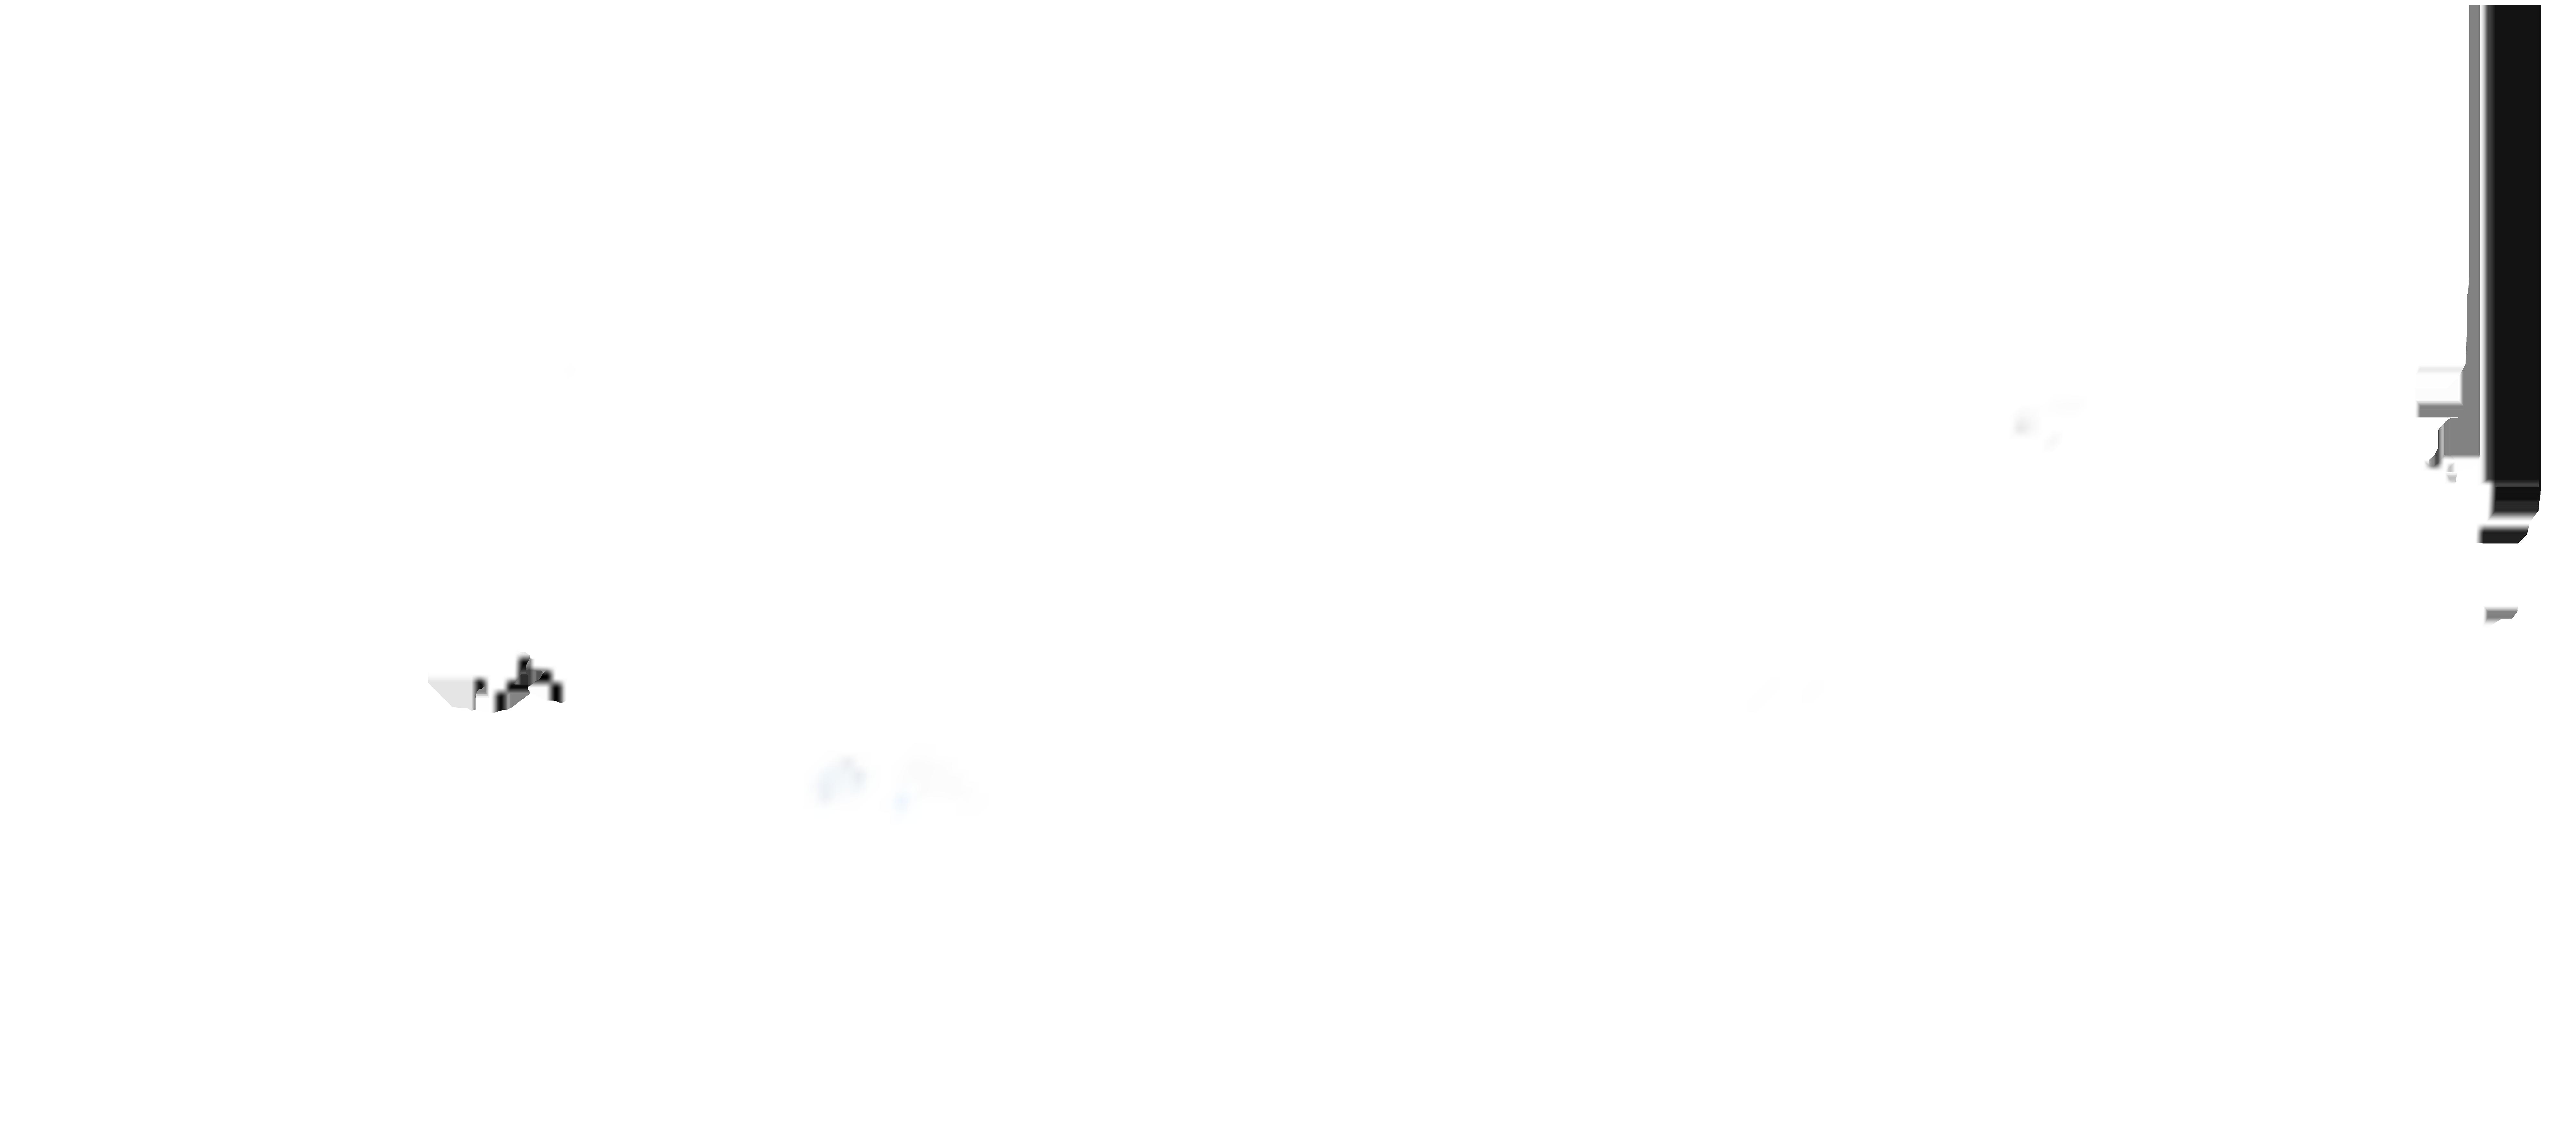 Transparent Cloud PNG Clip Art Image.